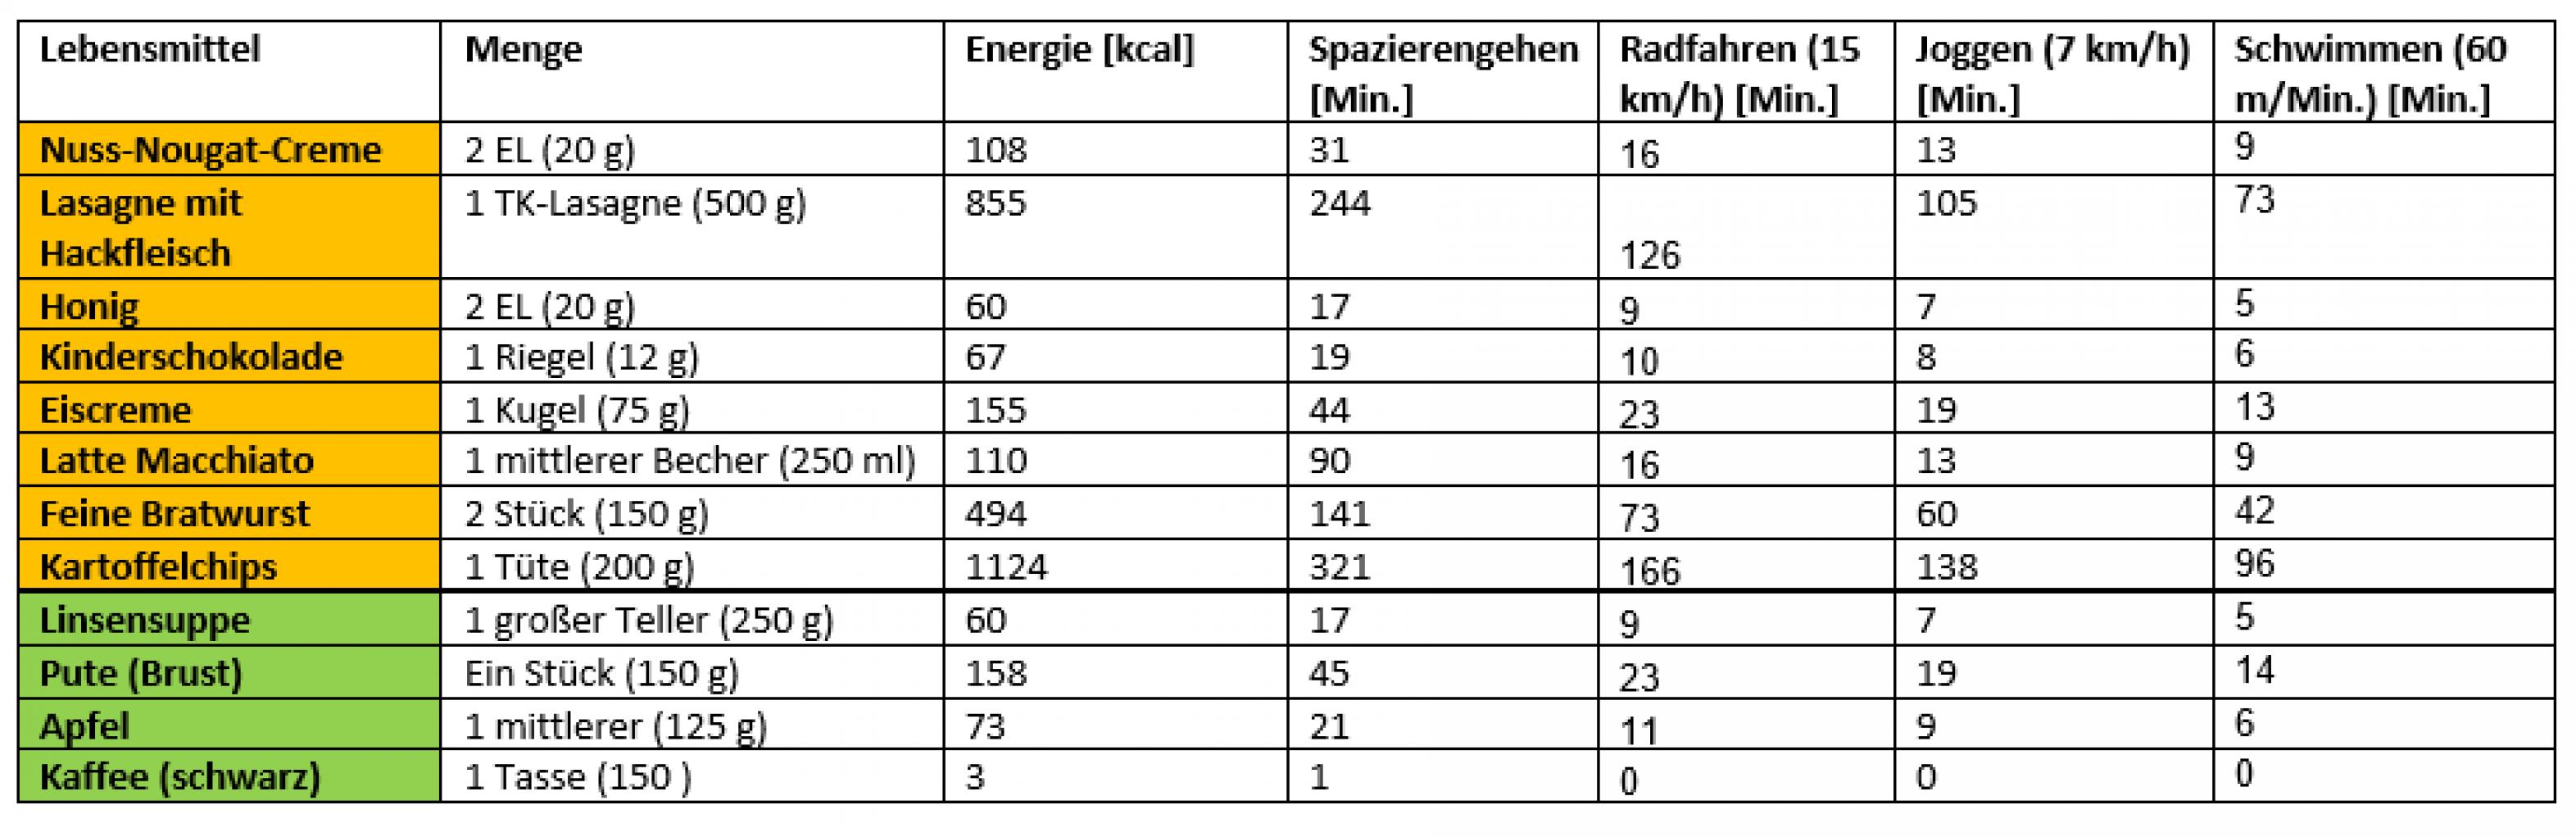 Tabelle Lebensmittel und ihre Aktivitäts-Äquivalente